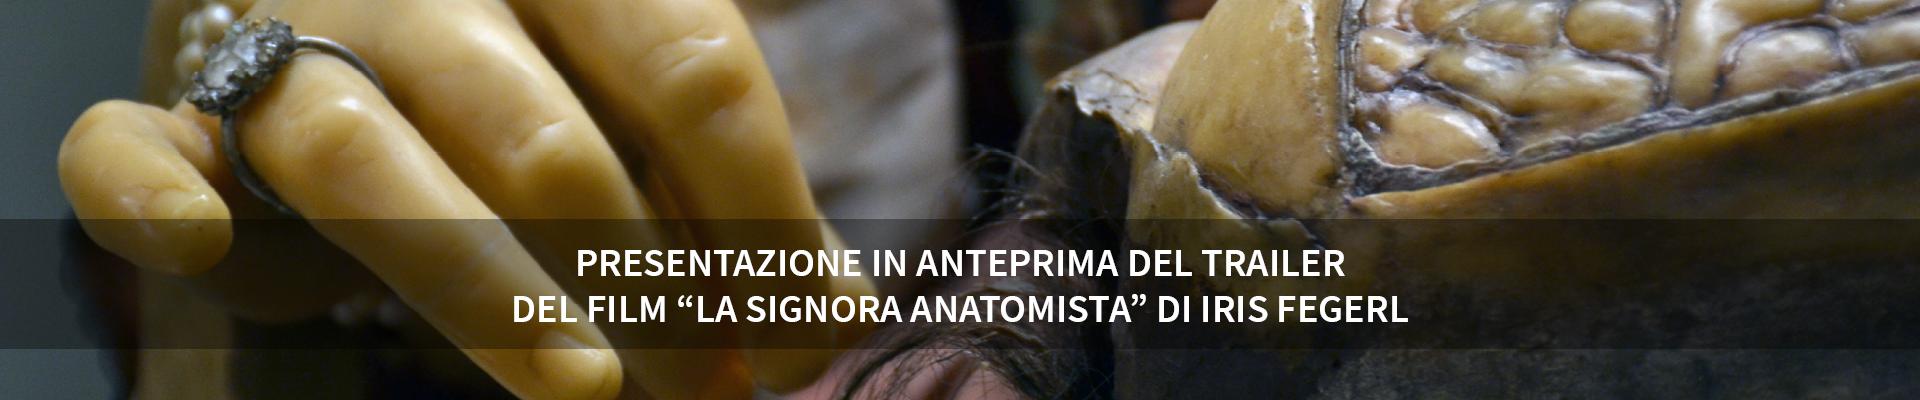 """Presentazione in anteprima del trailer del film """"La signora anatomista"""" di Iris Fegerl -"""